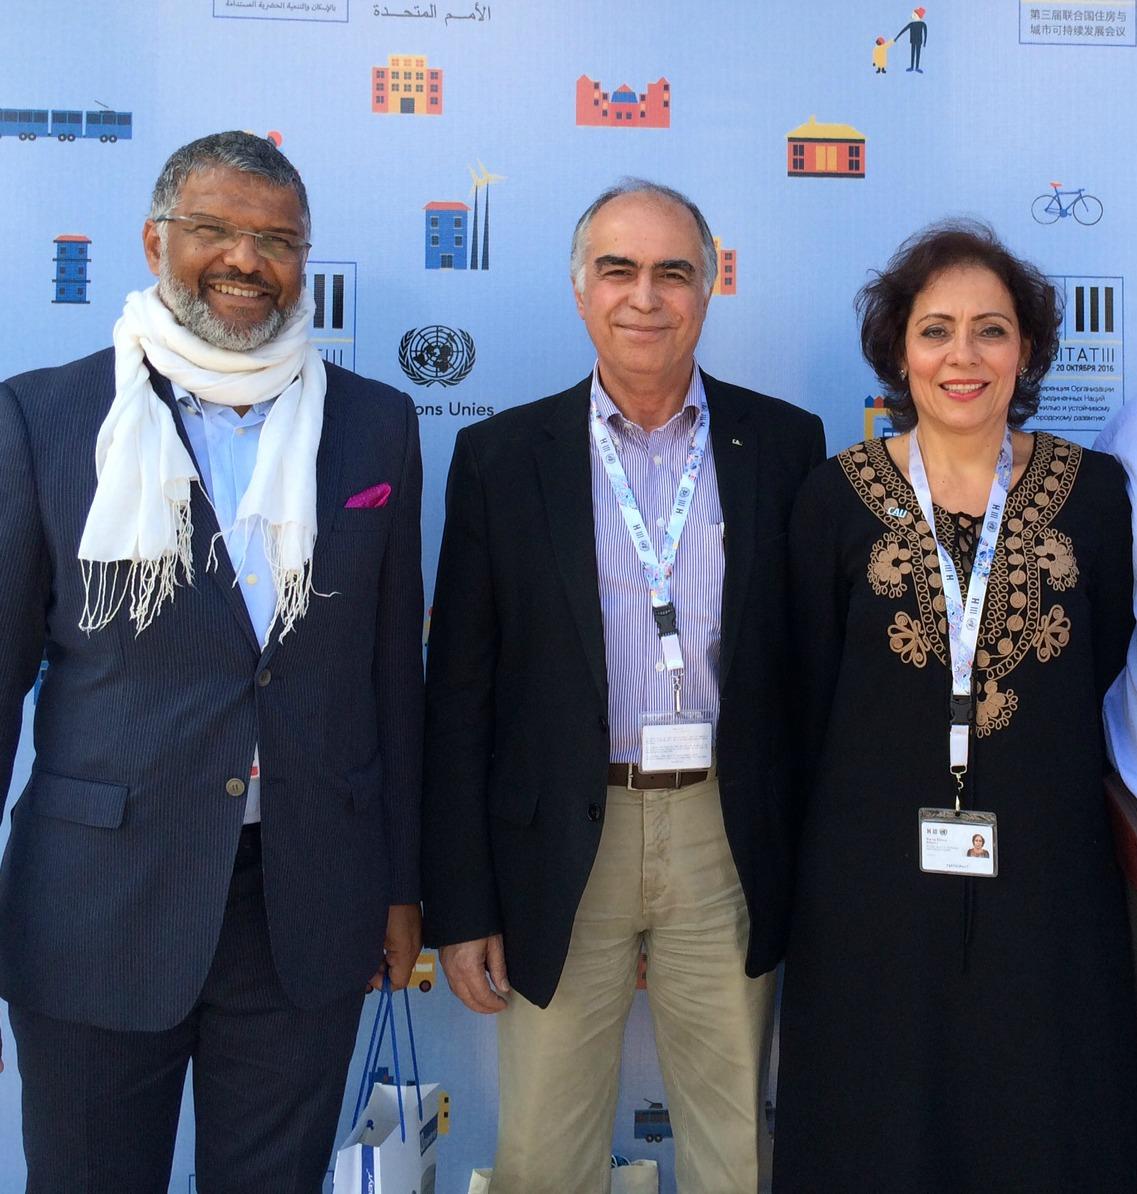 Cesar Freitas, Haroldo Pinheiro e Lana Jubé.